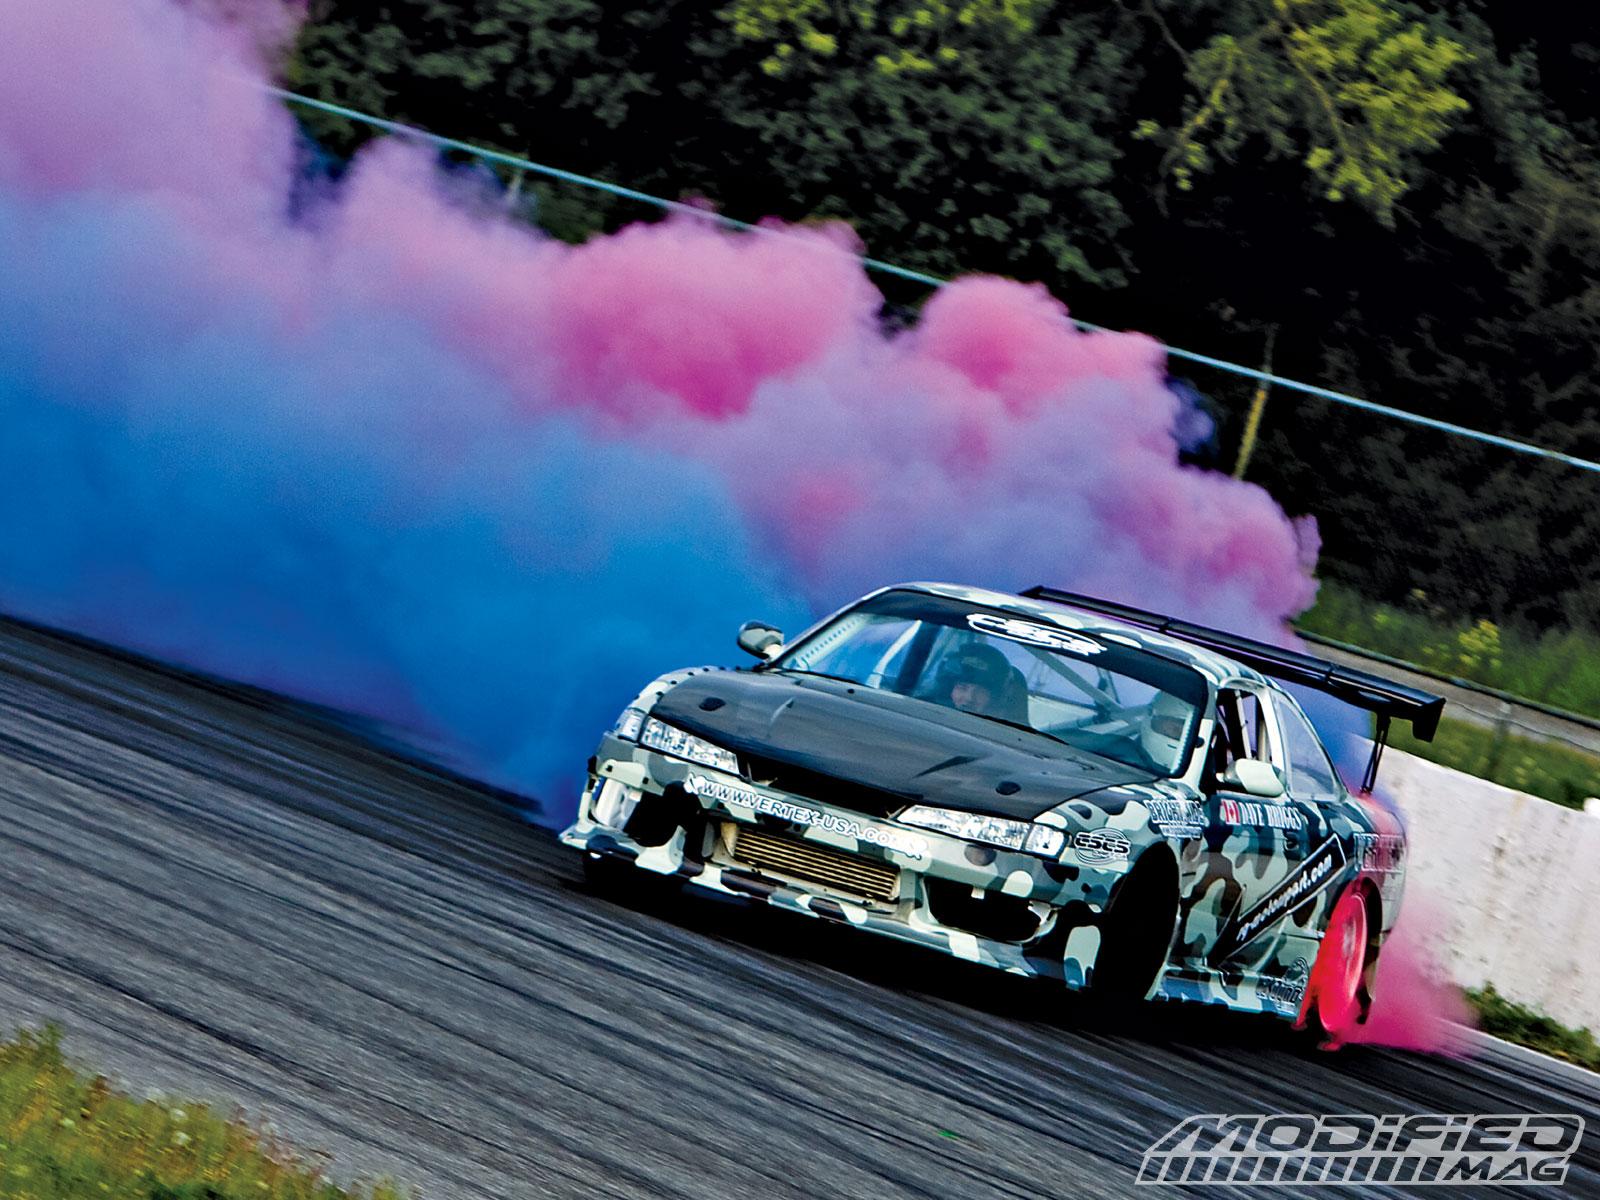 drifting 1600x1200